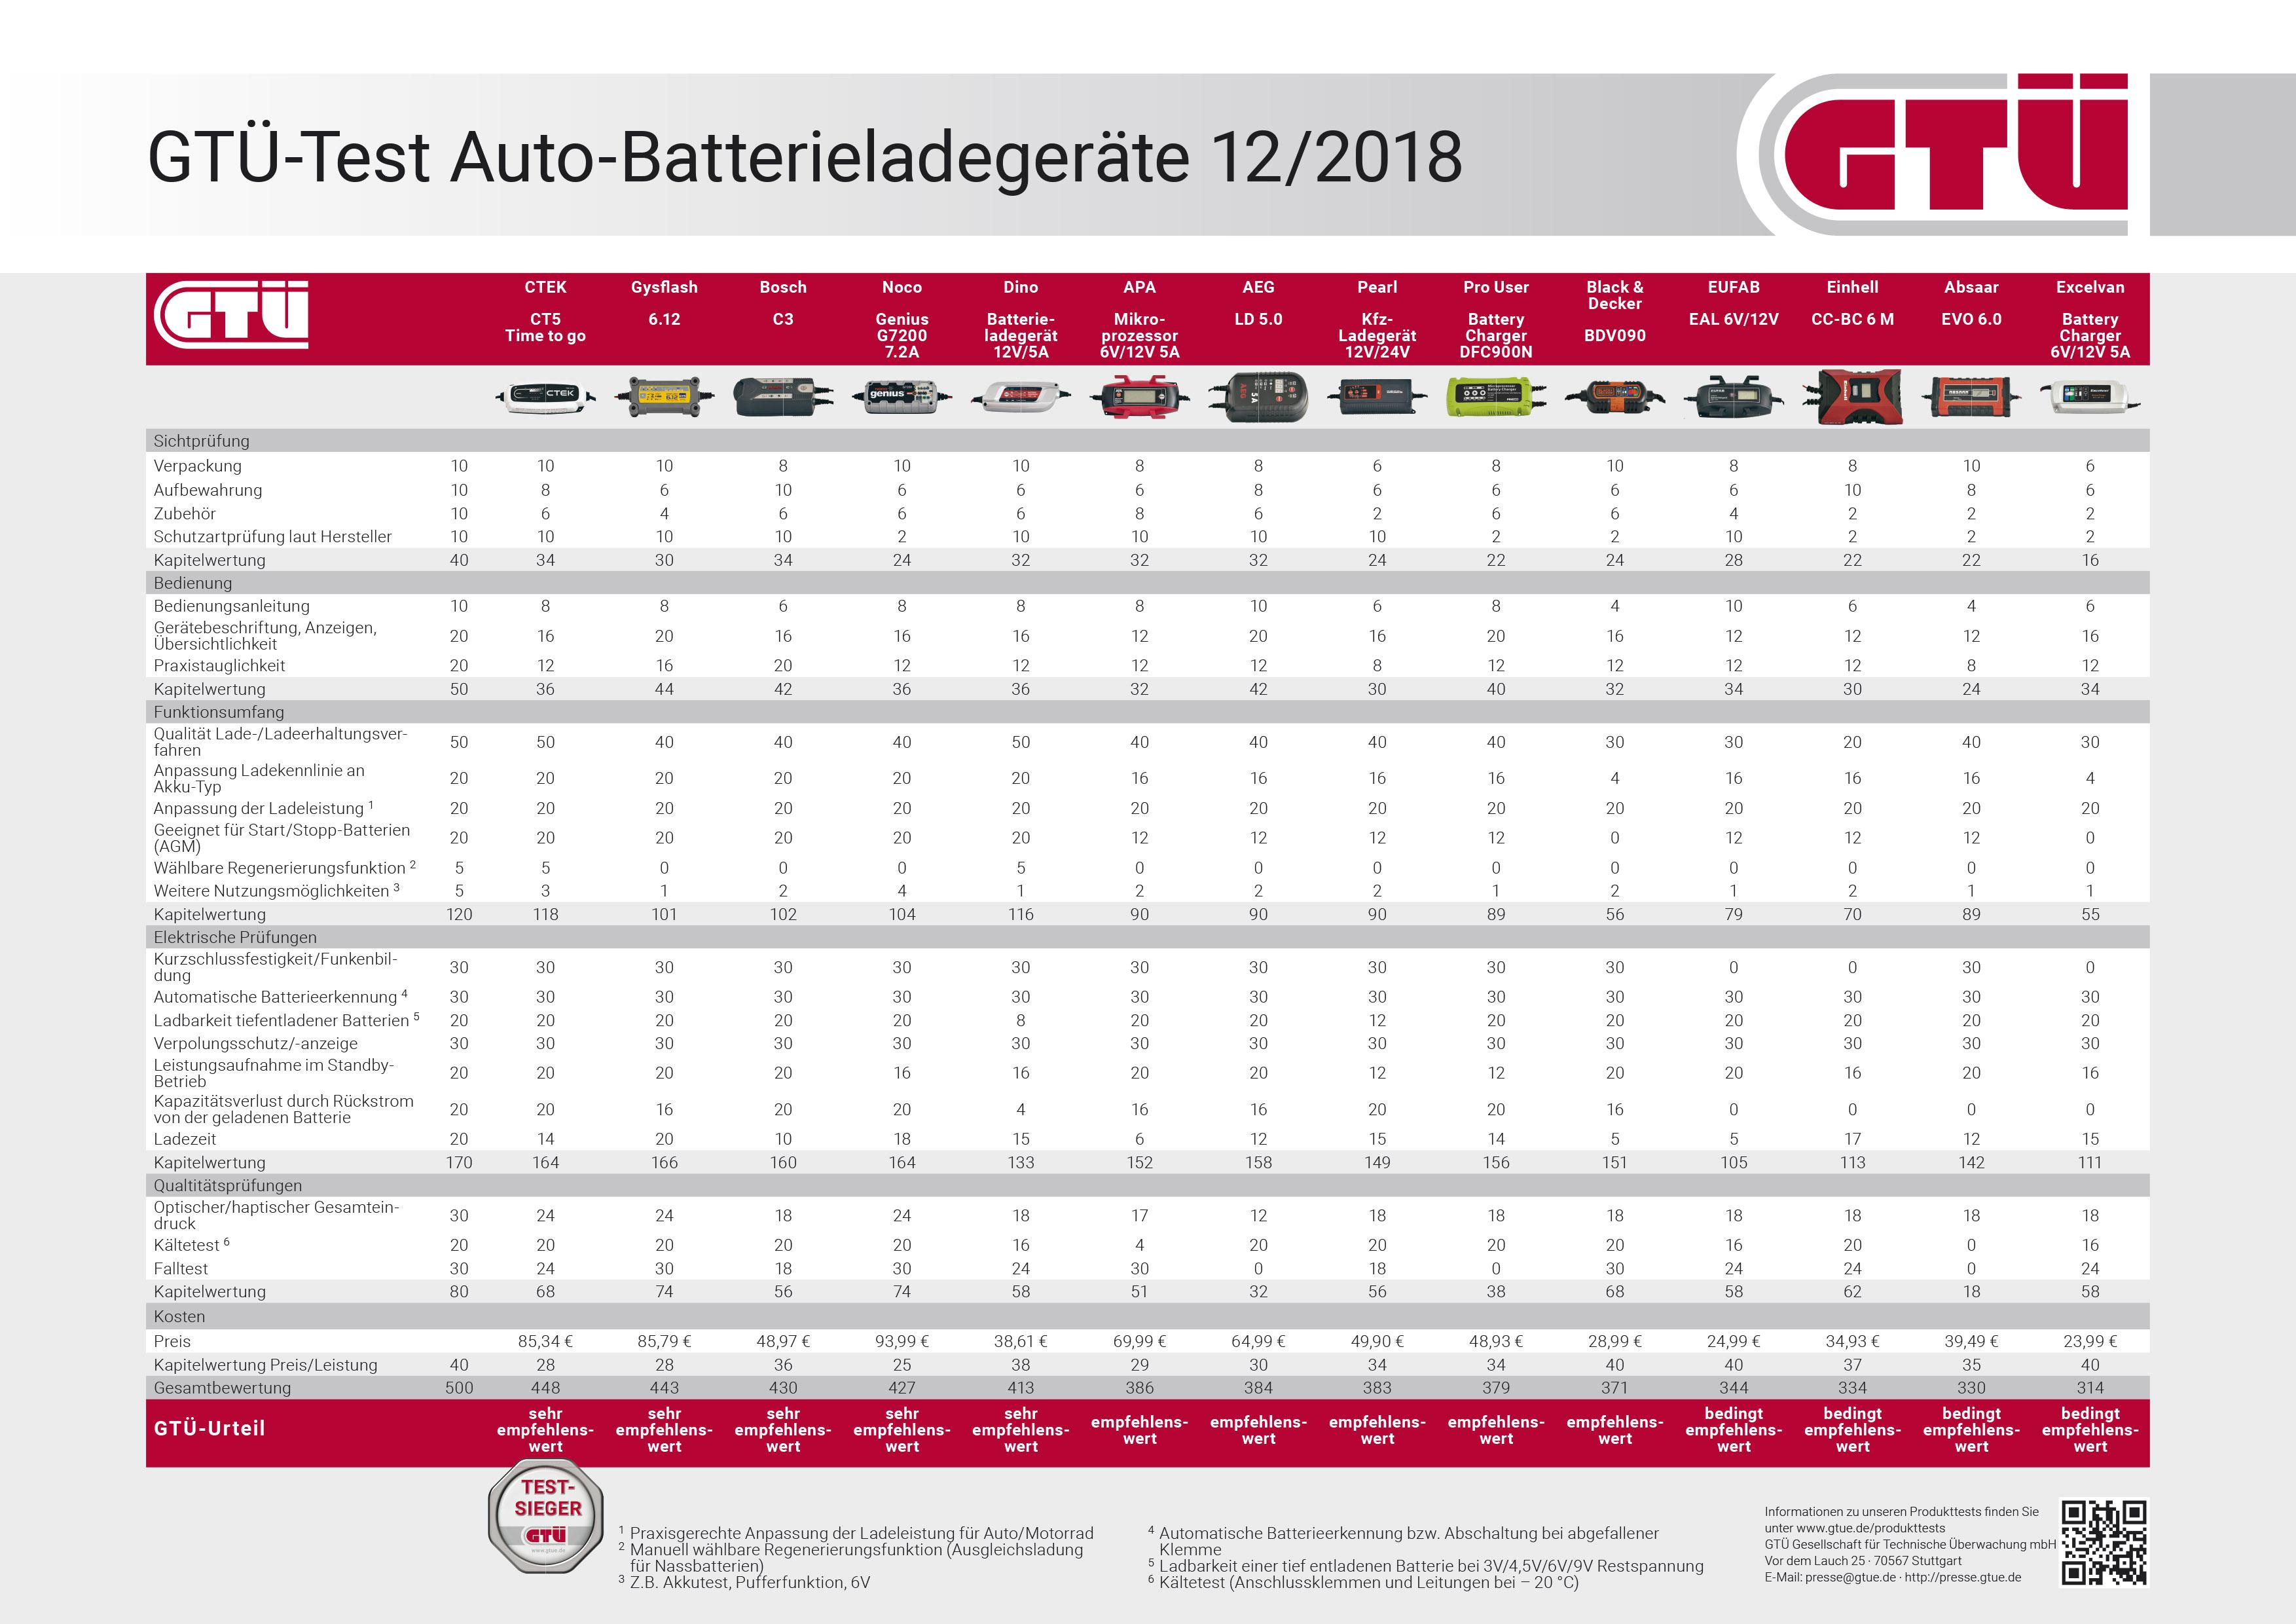 GTÜ Autobatterieladegerättest